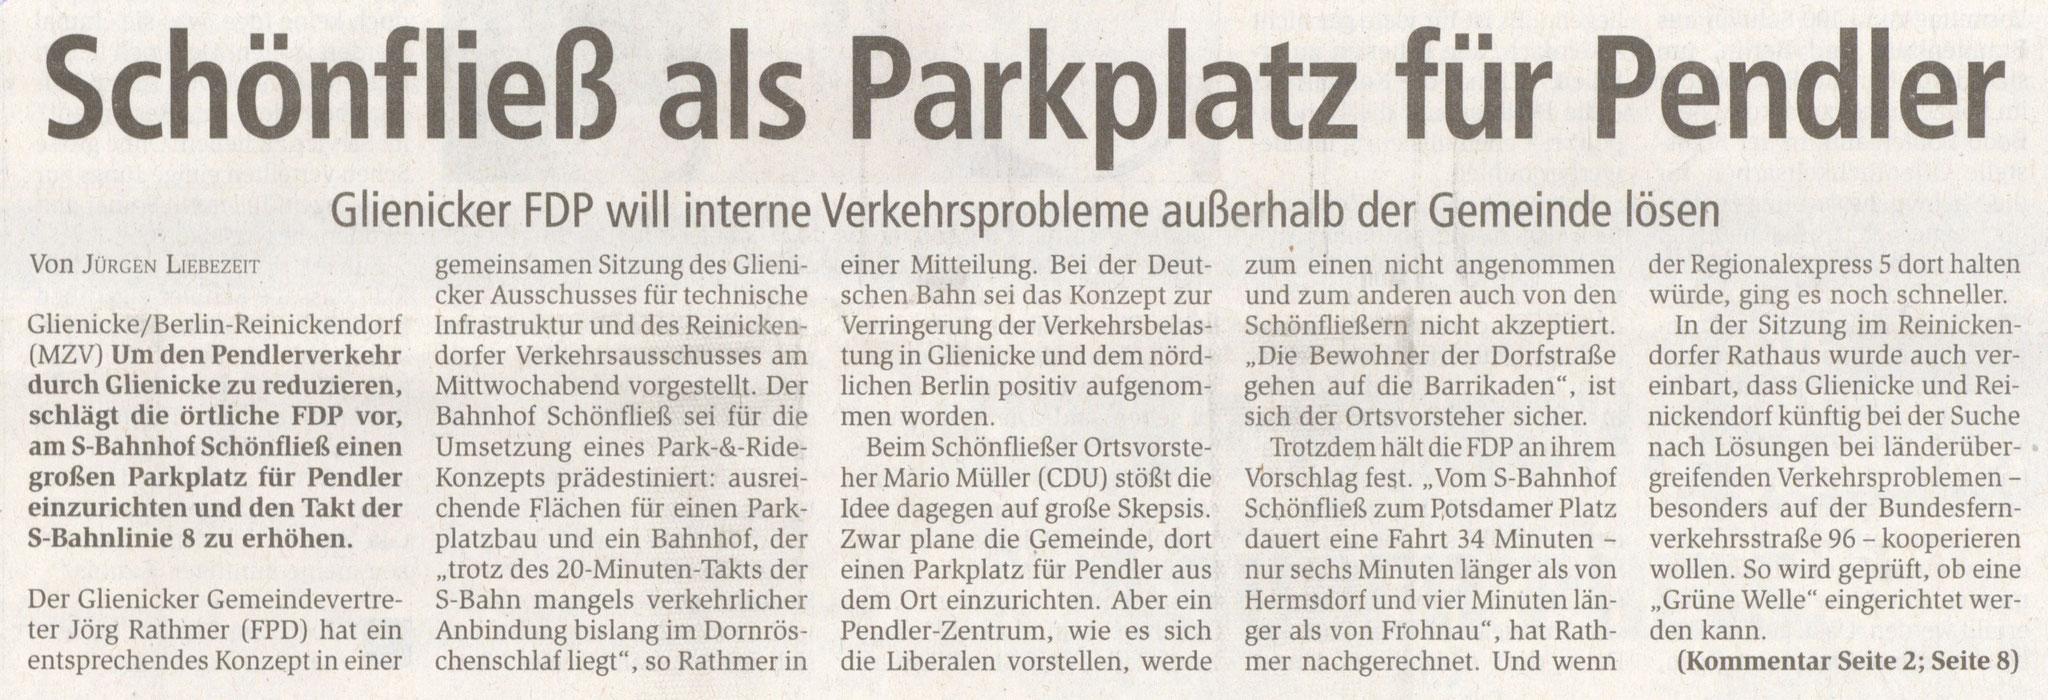 Oranienburger Generalanzeiger, 24.04.2015